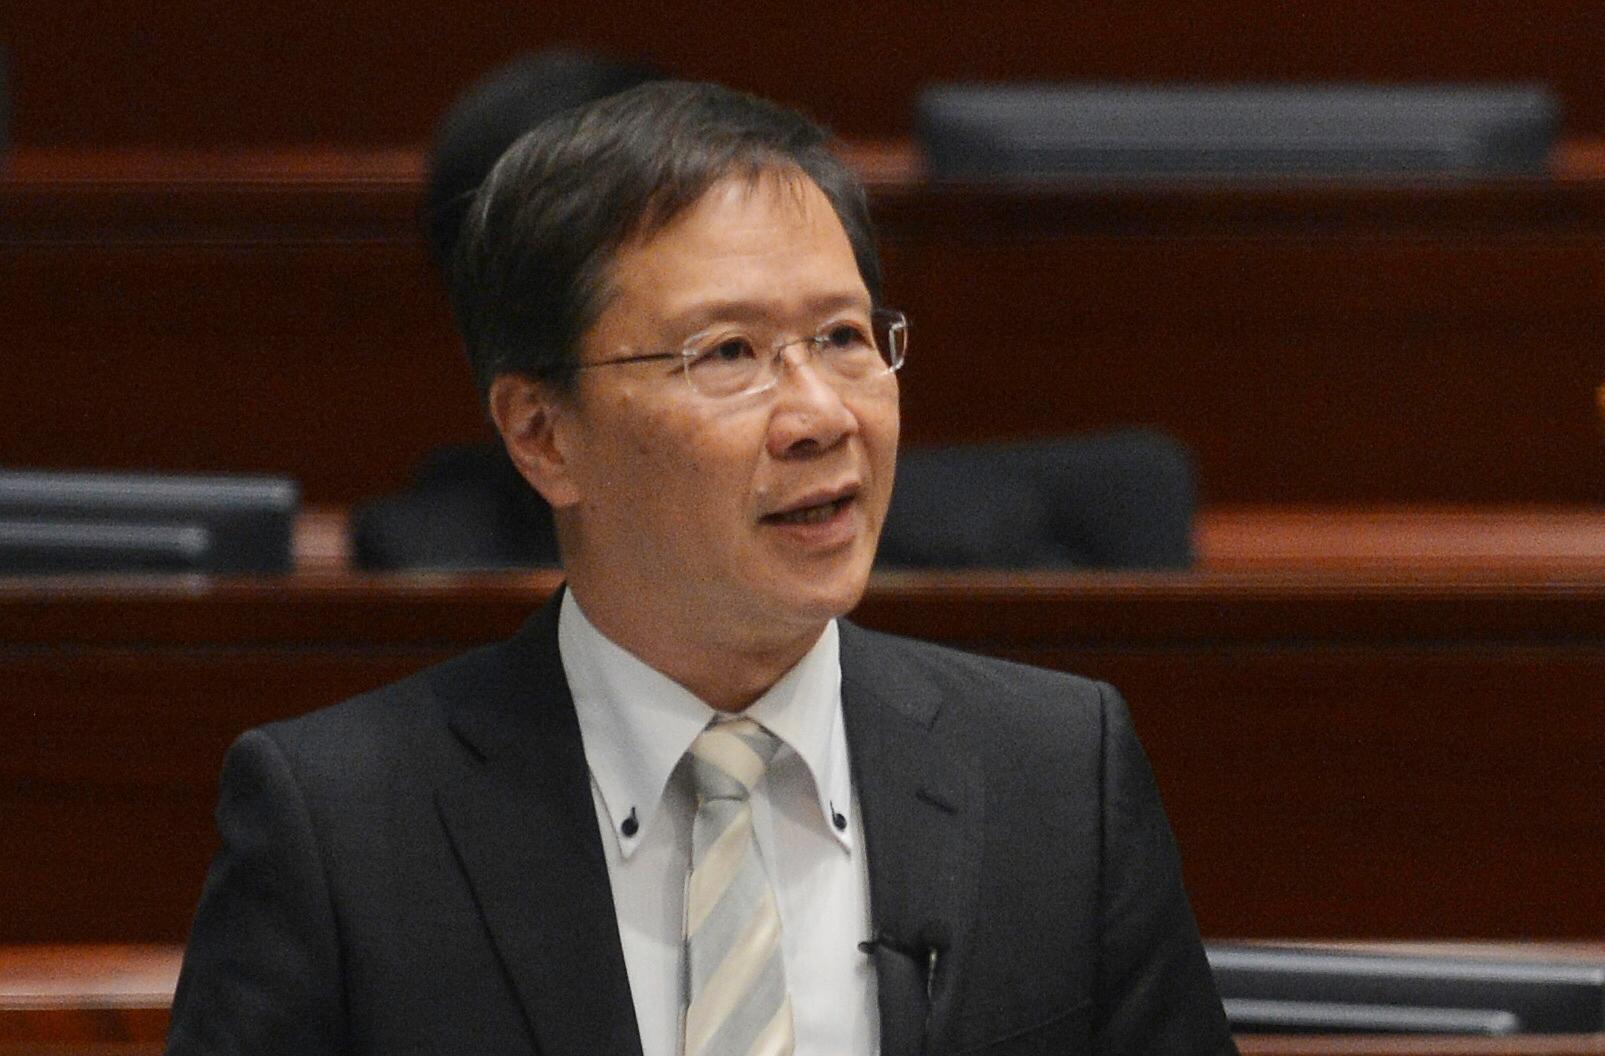 郭家麒批評當局安排混亂。 資料圖片